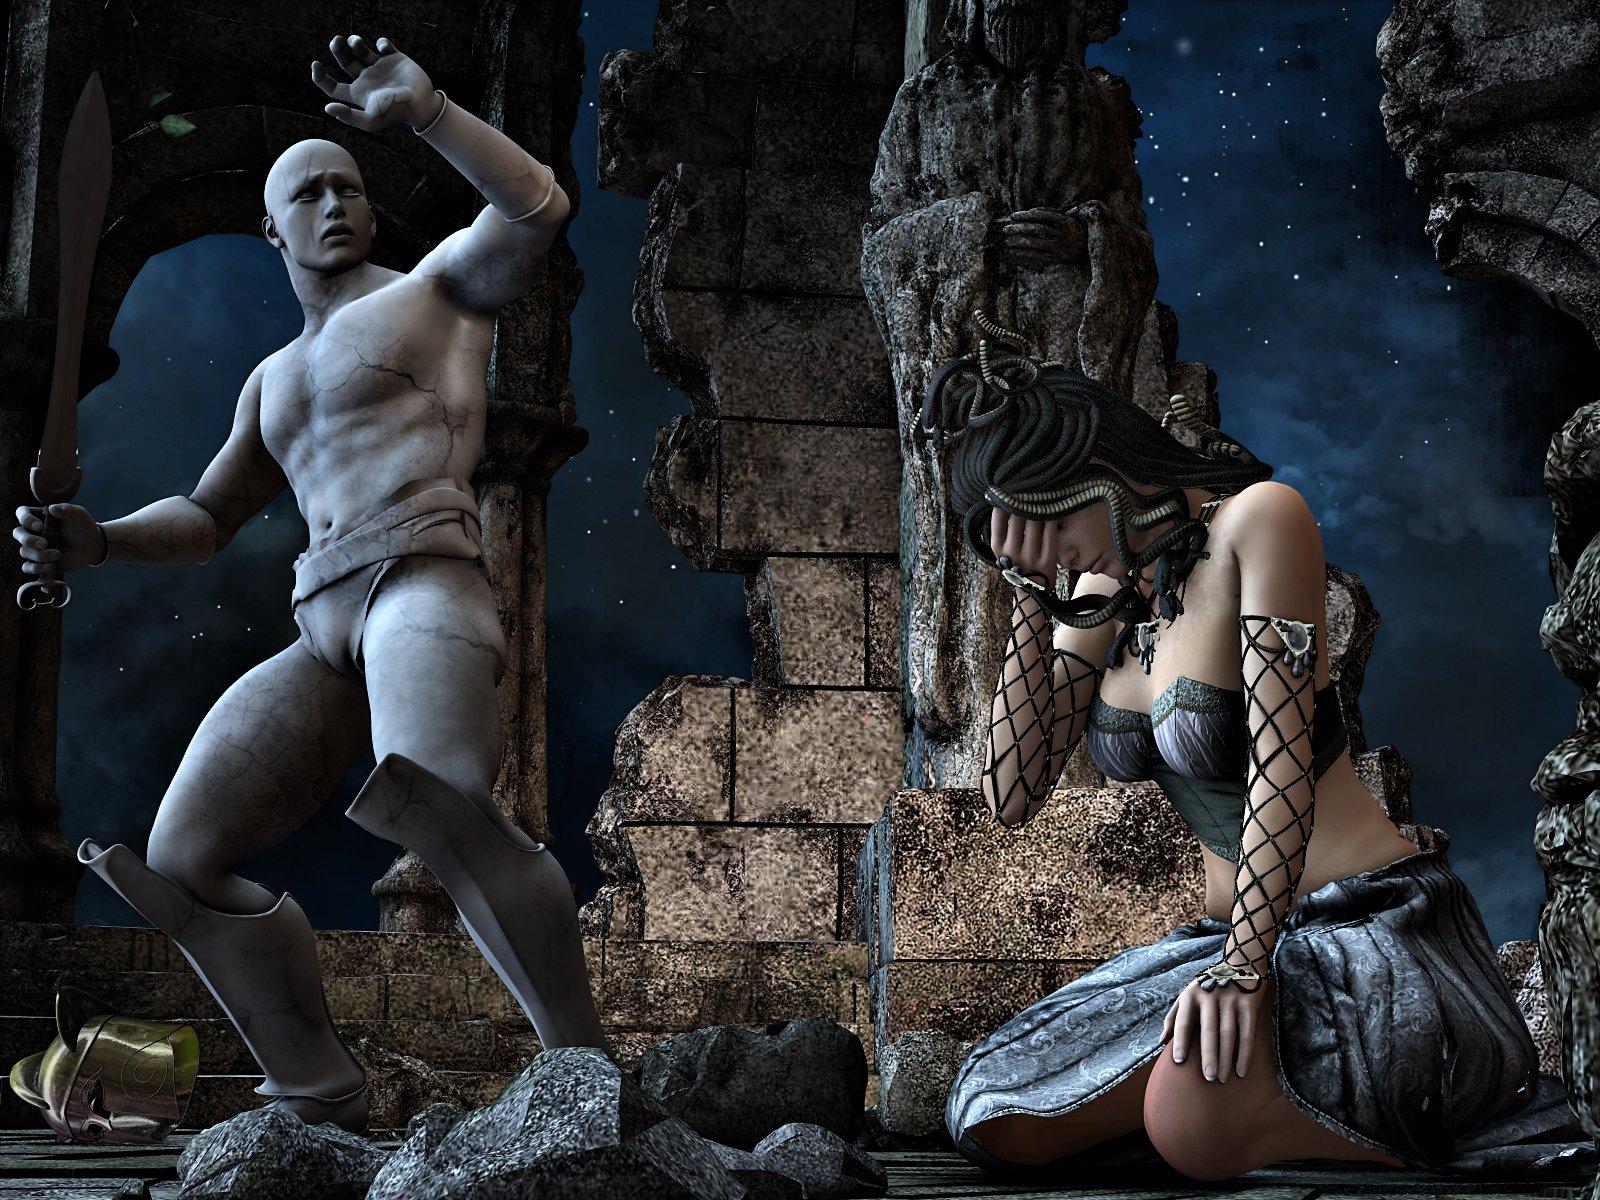 Medusa's fate by HAL001 on DeviantArt